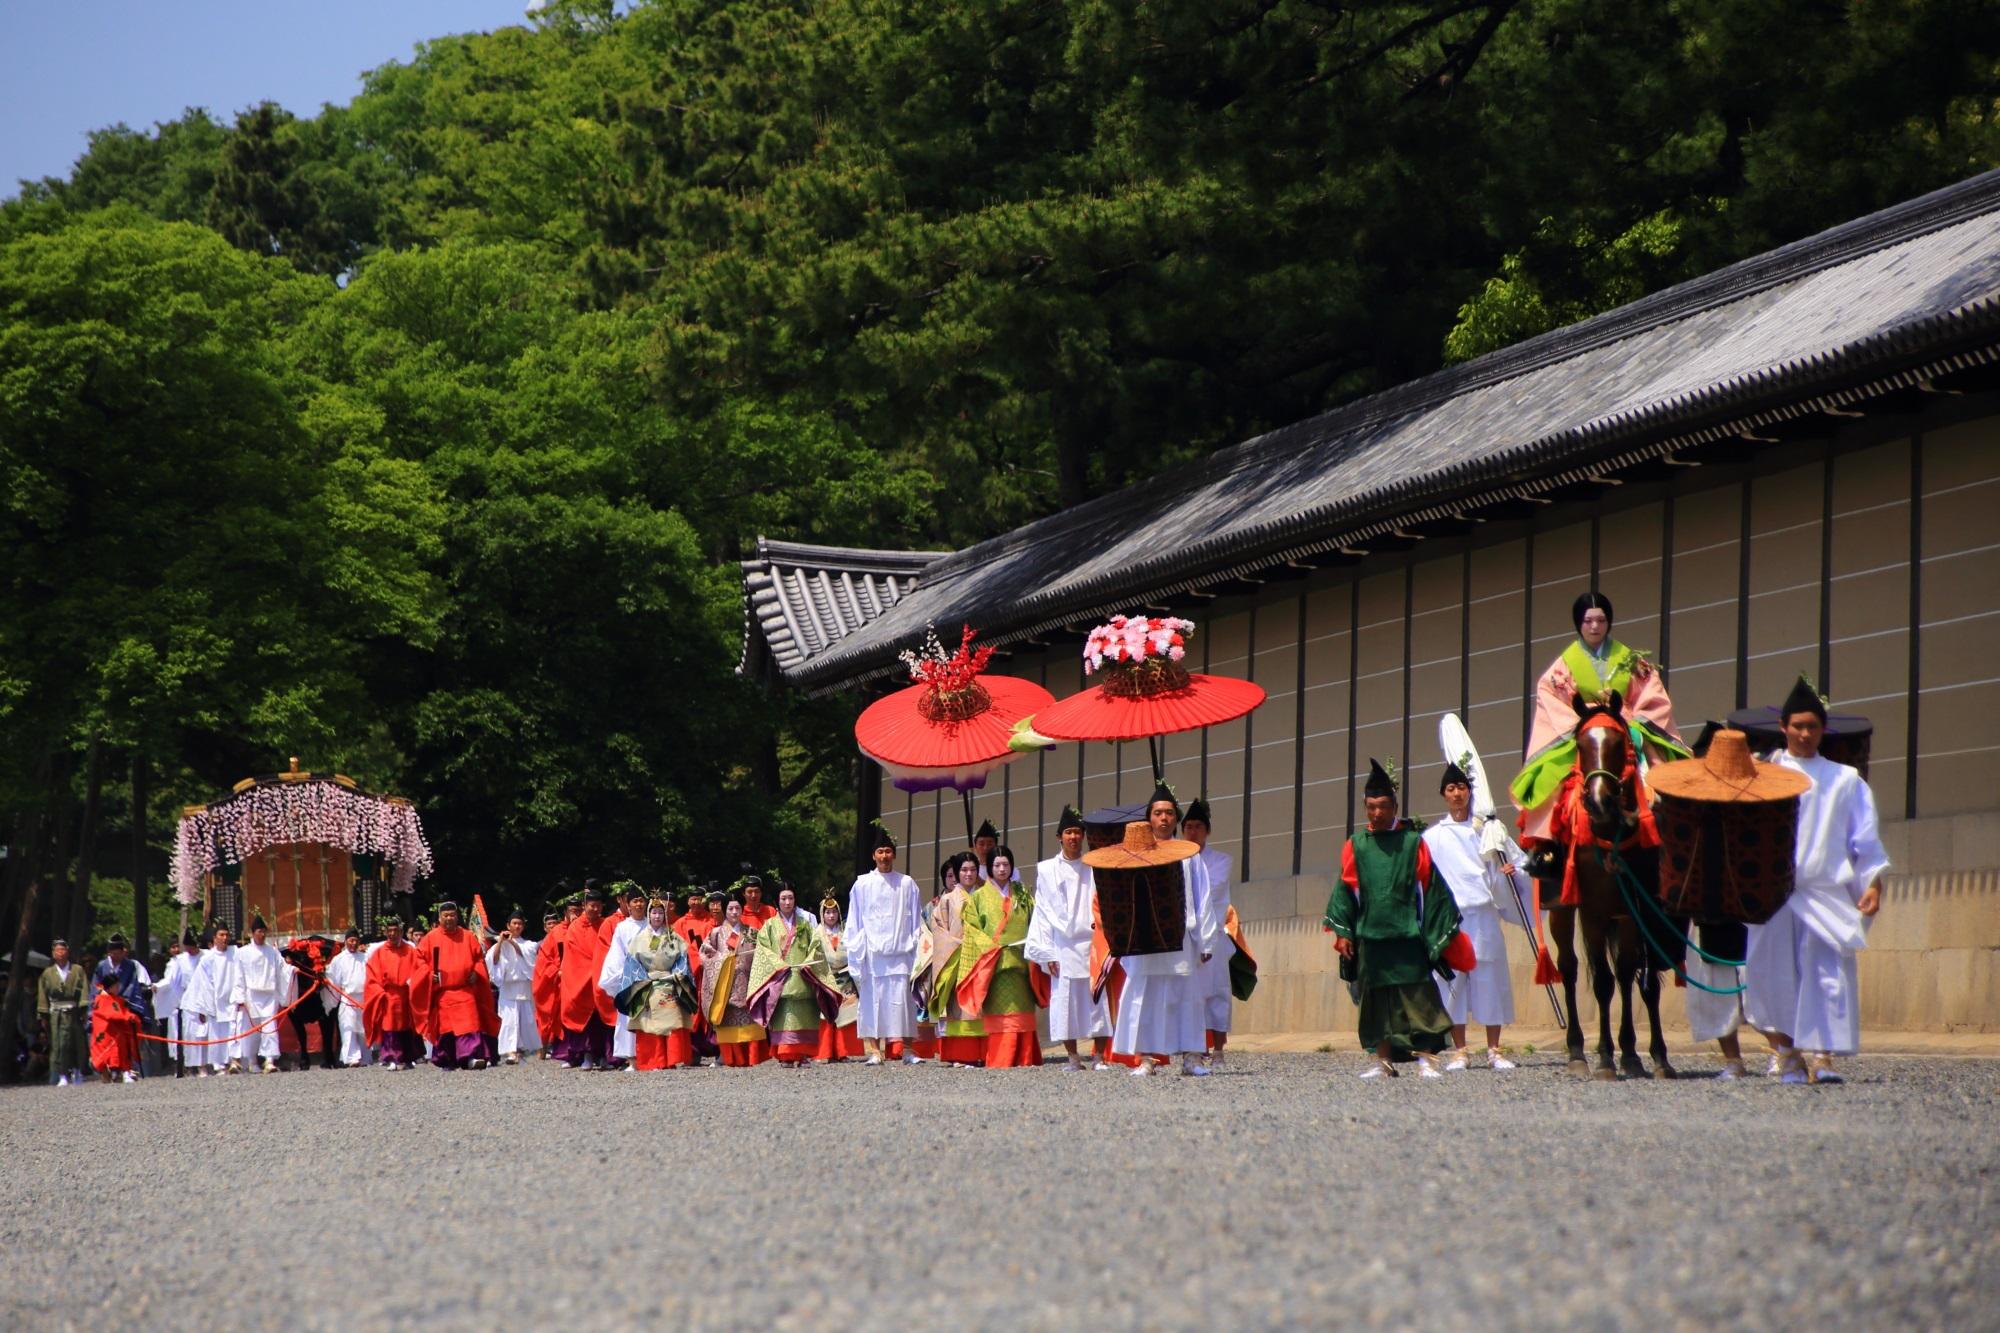 葵祭(あおいまつり)の華やかな行列と牛車